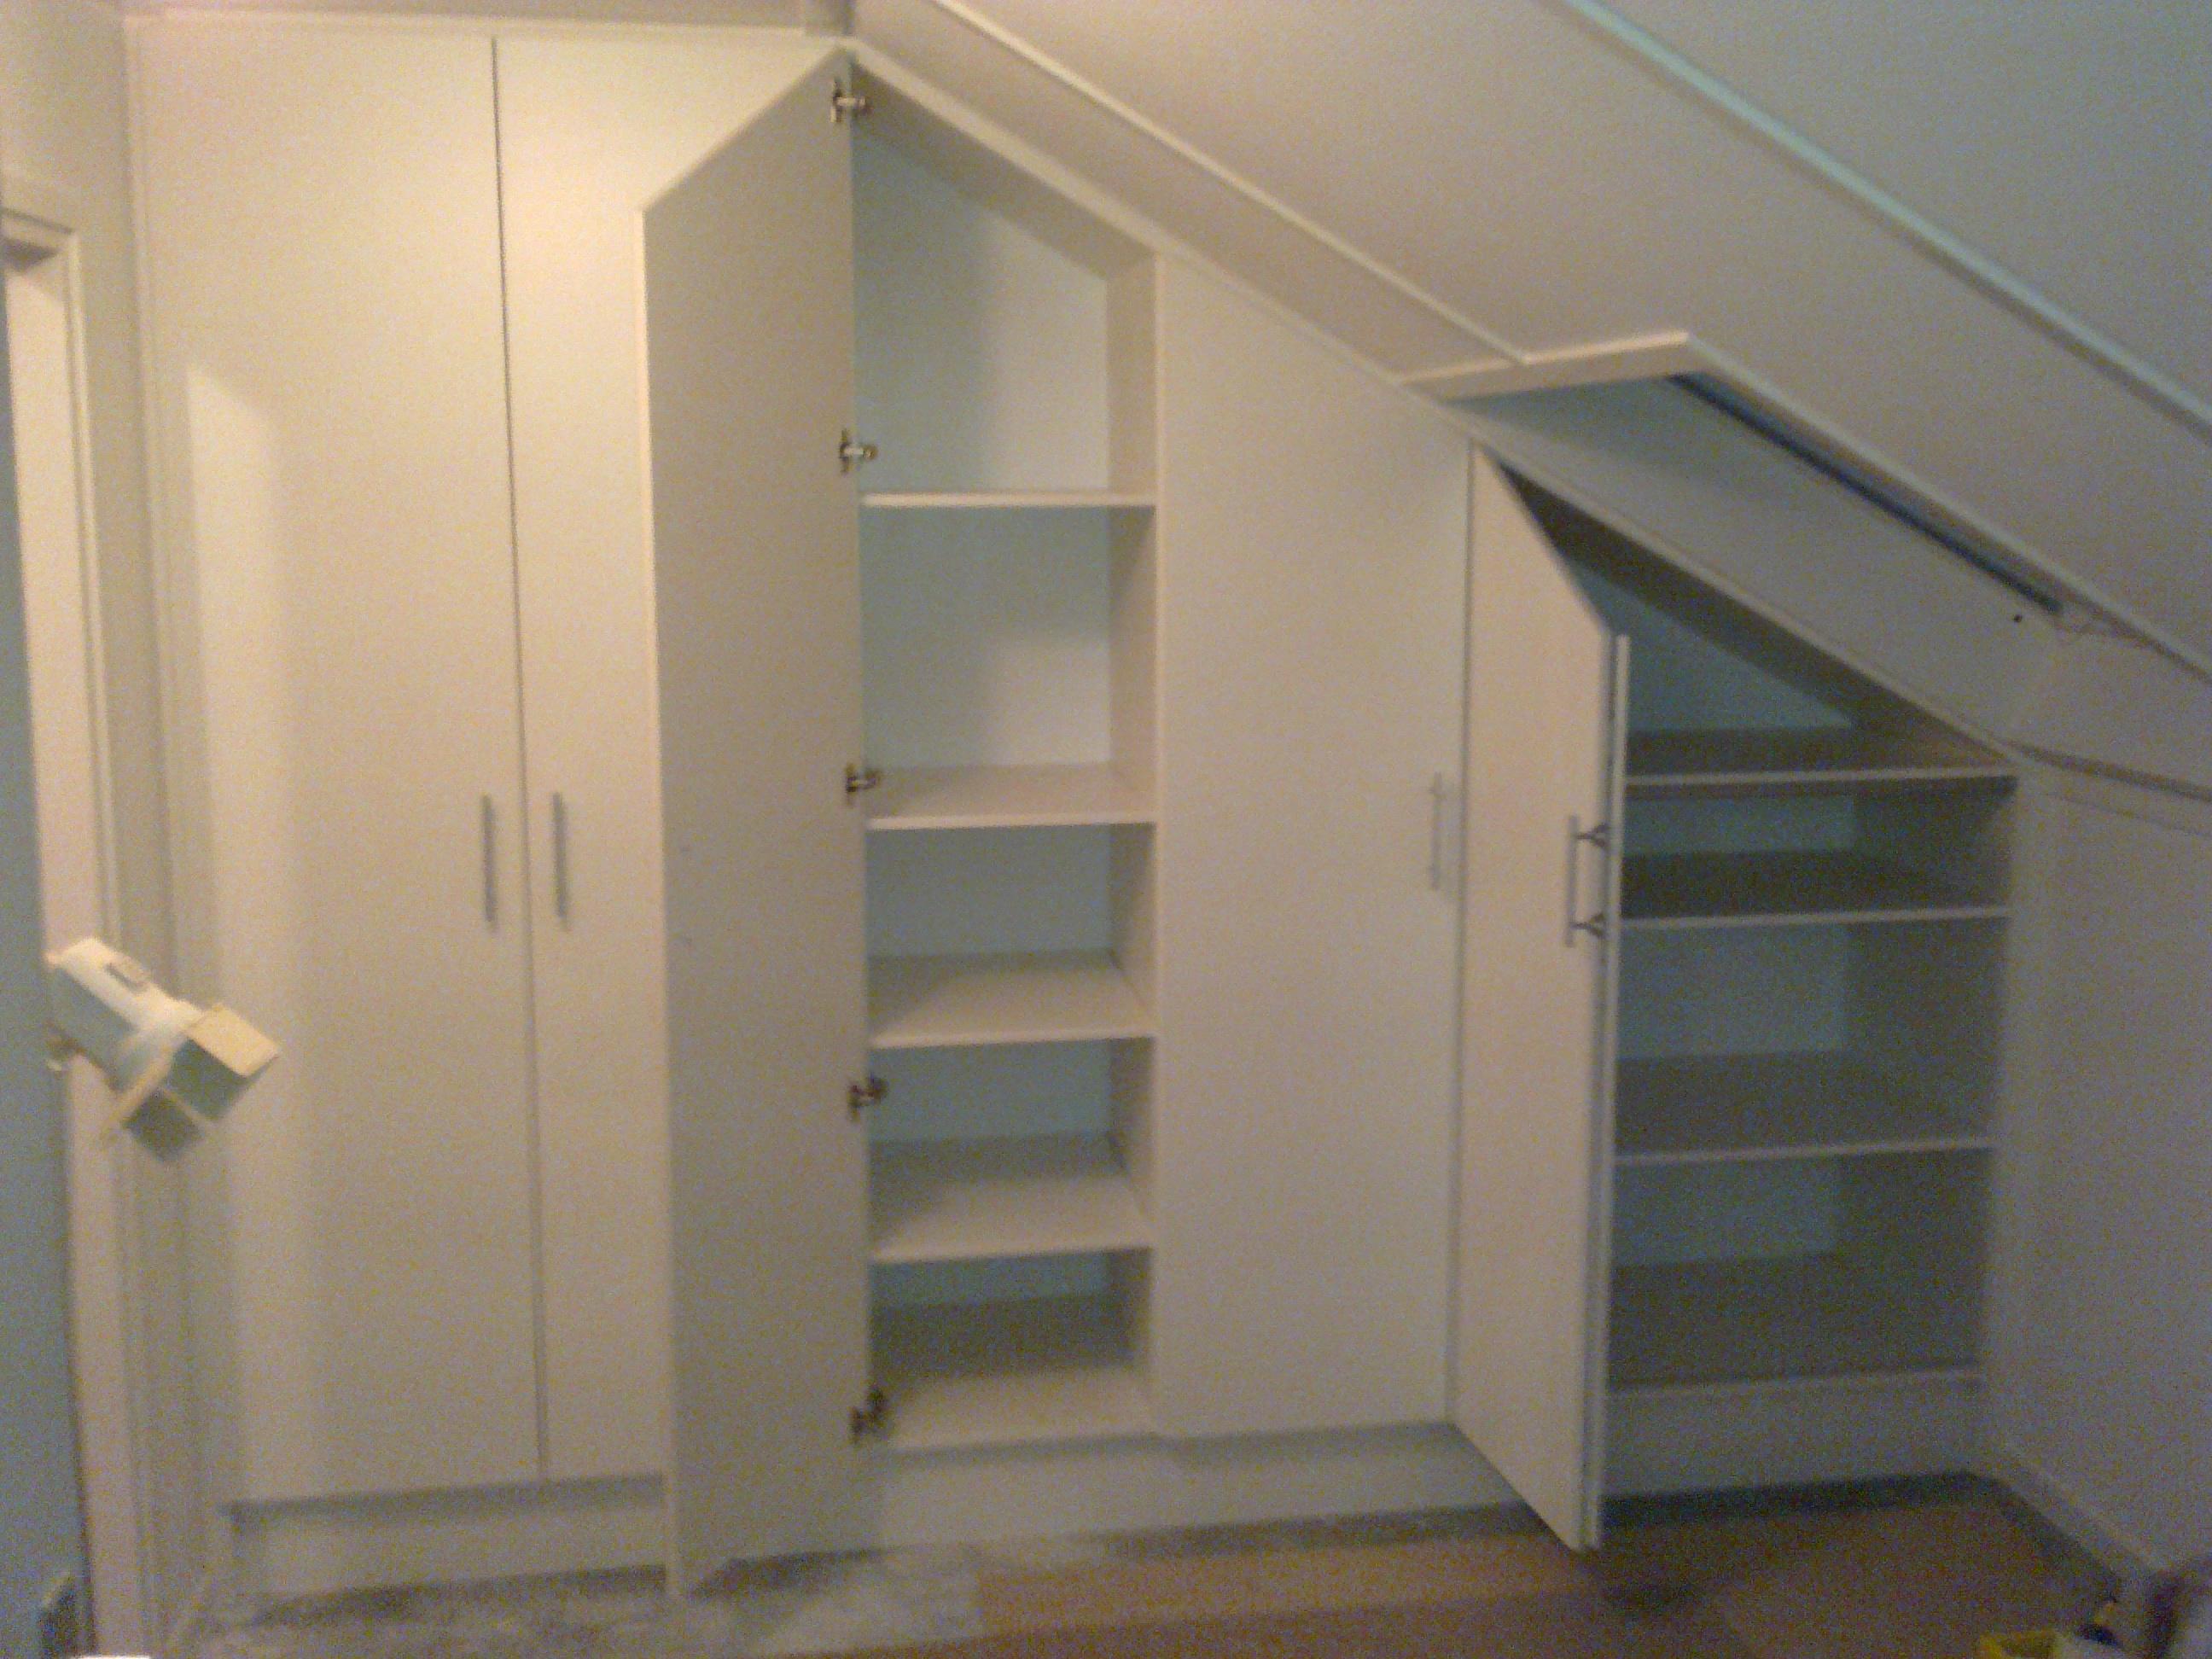 Inbouwkast op de zolder meubelmakerij mark - Maak een mezzanine op de zolder ...